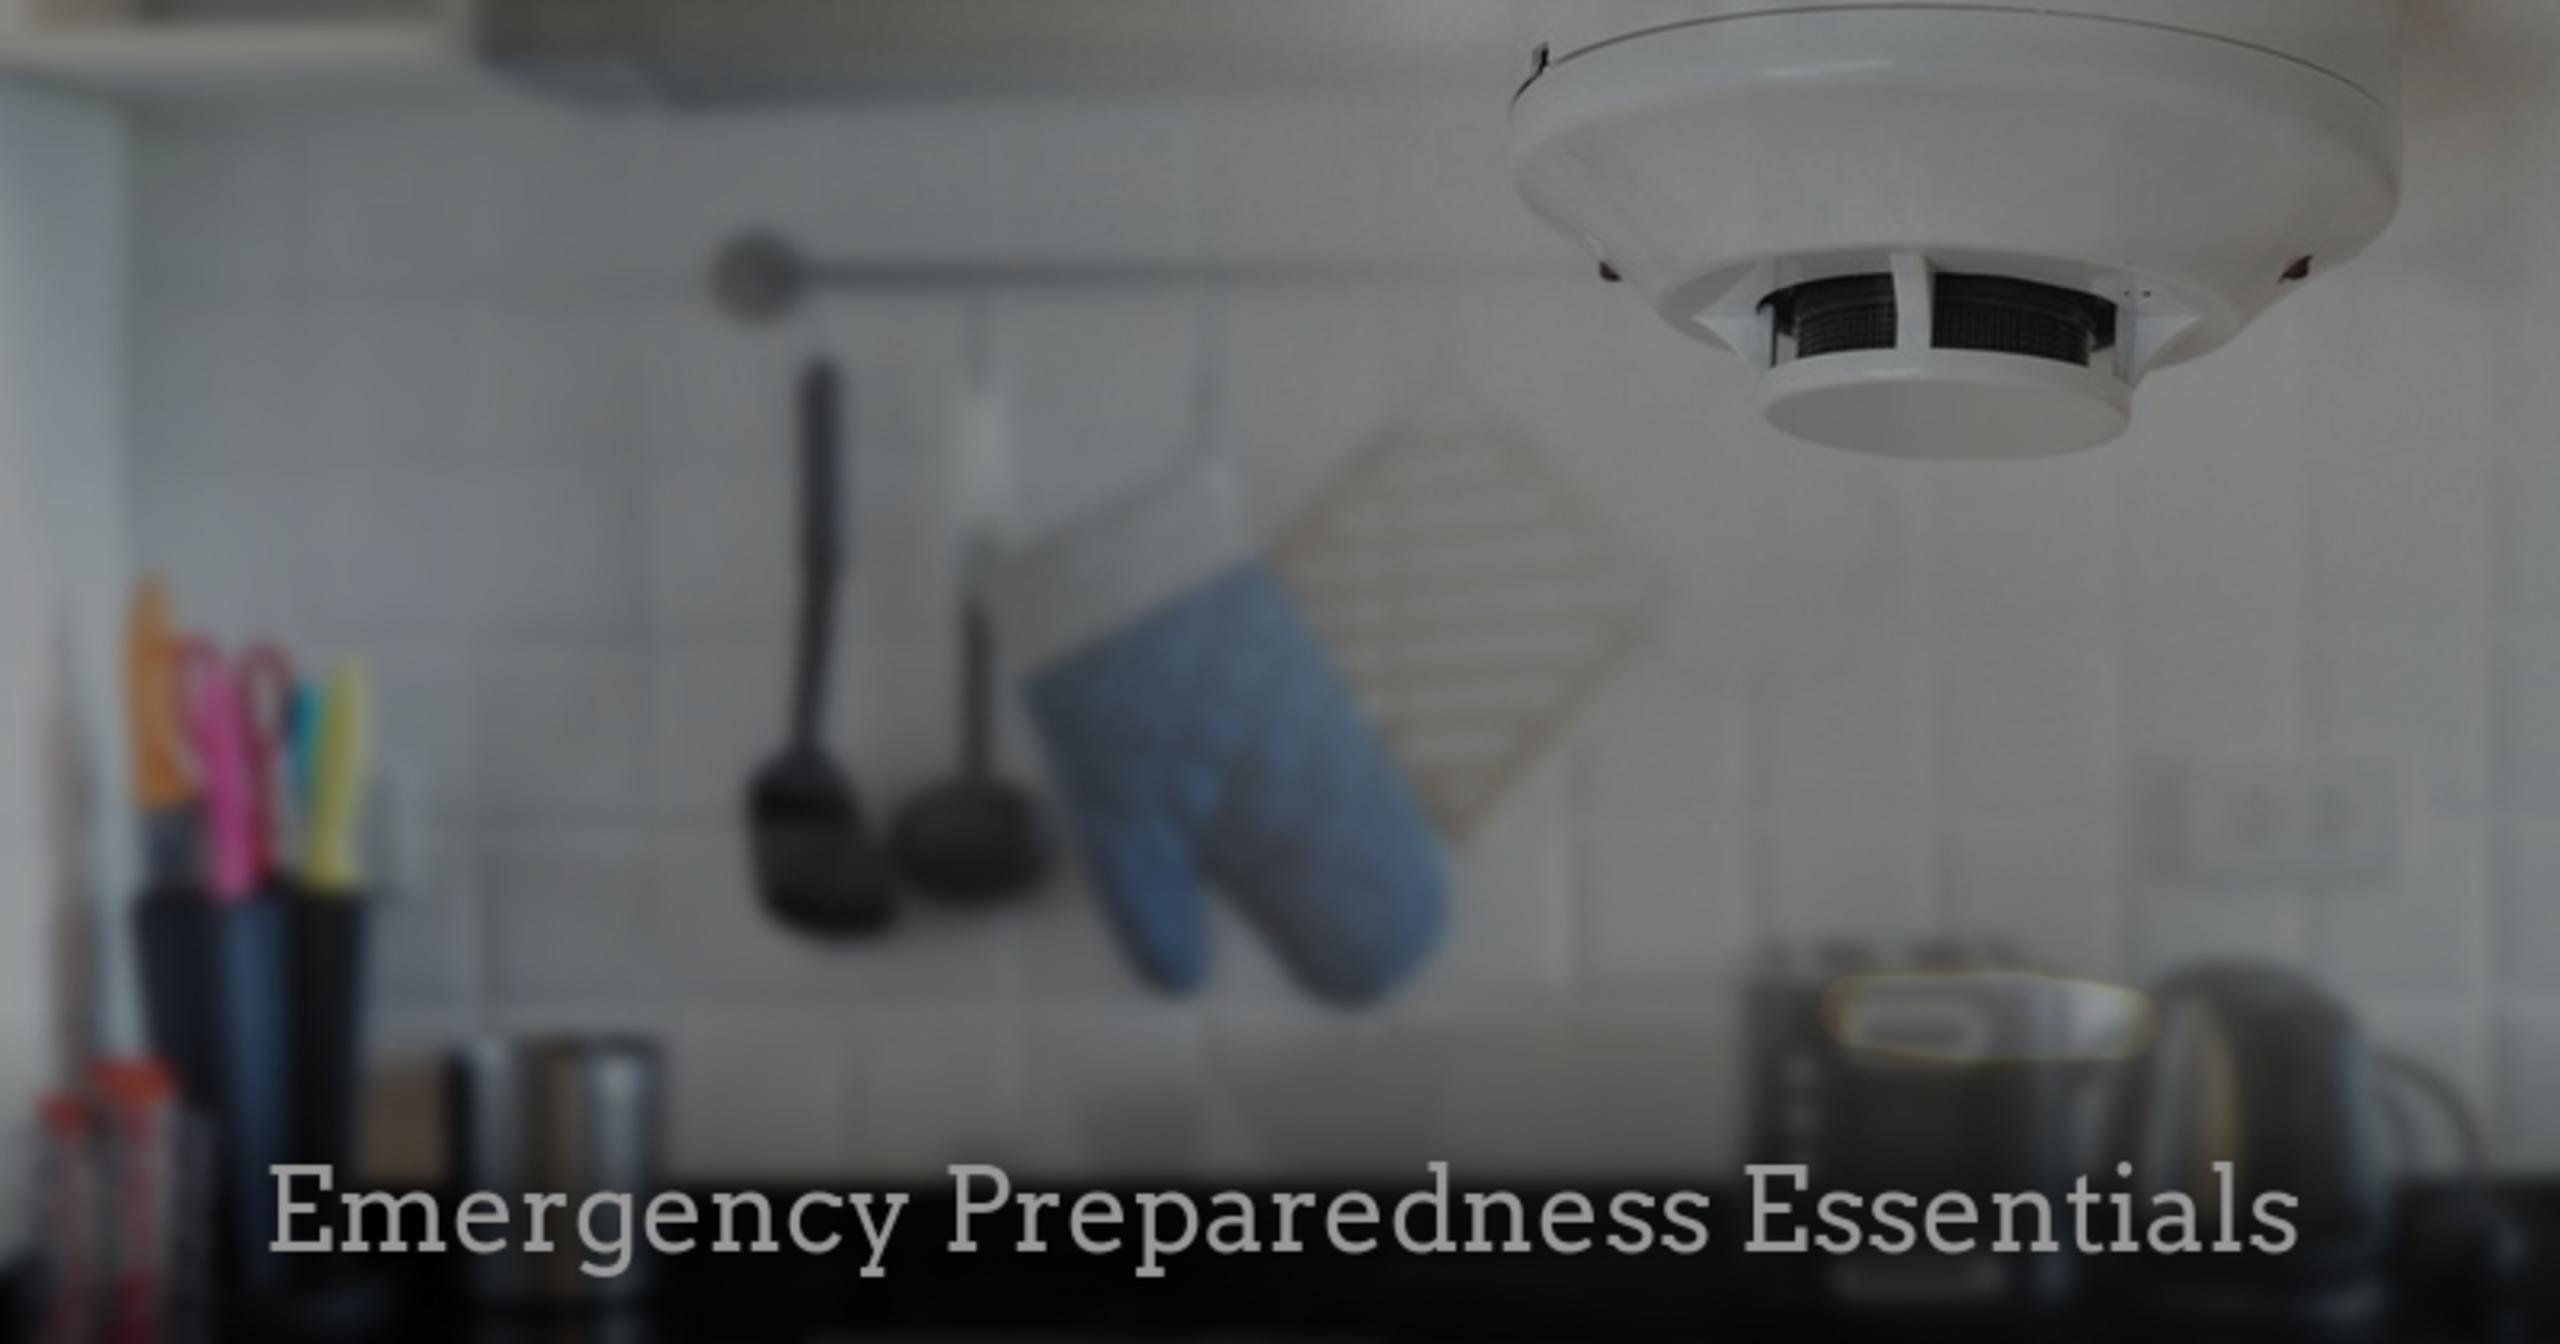 Emergency Preparedness Essentials